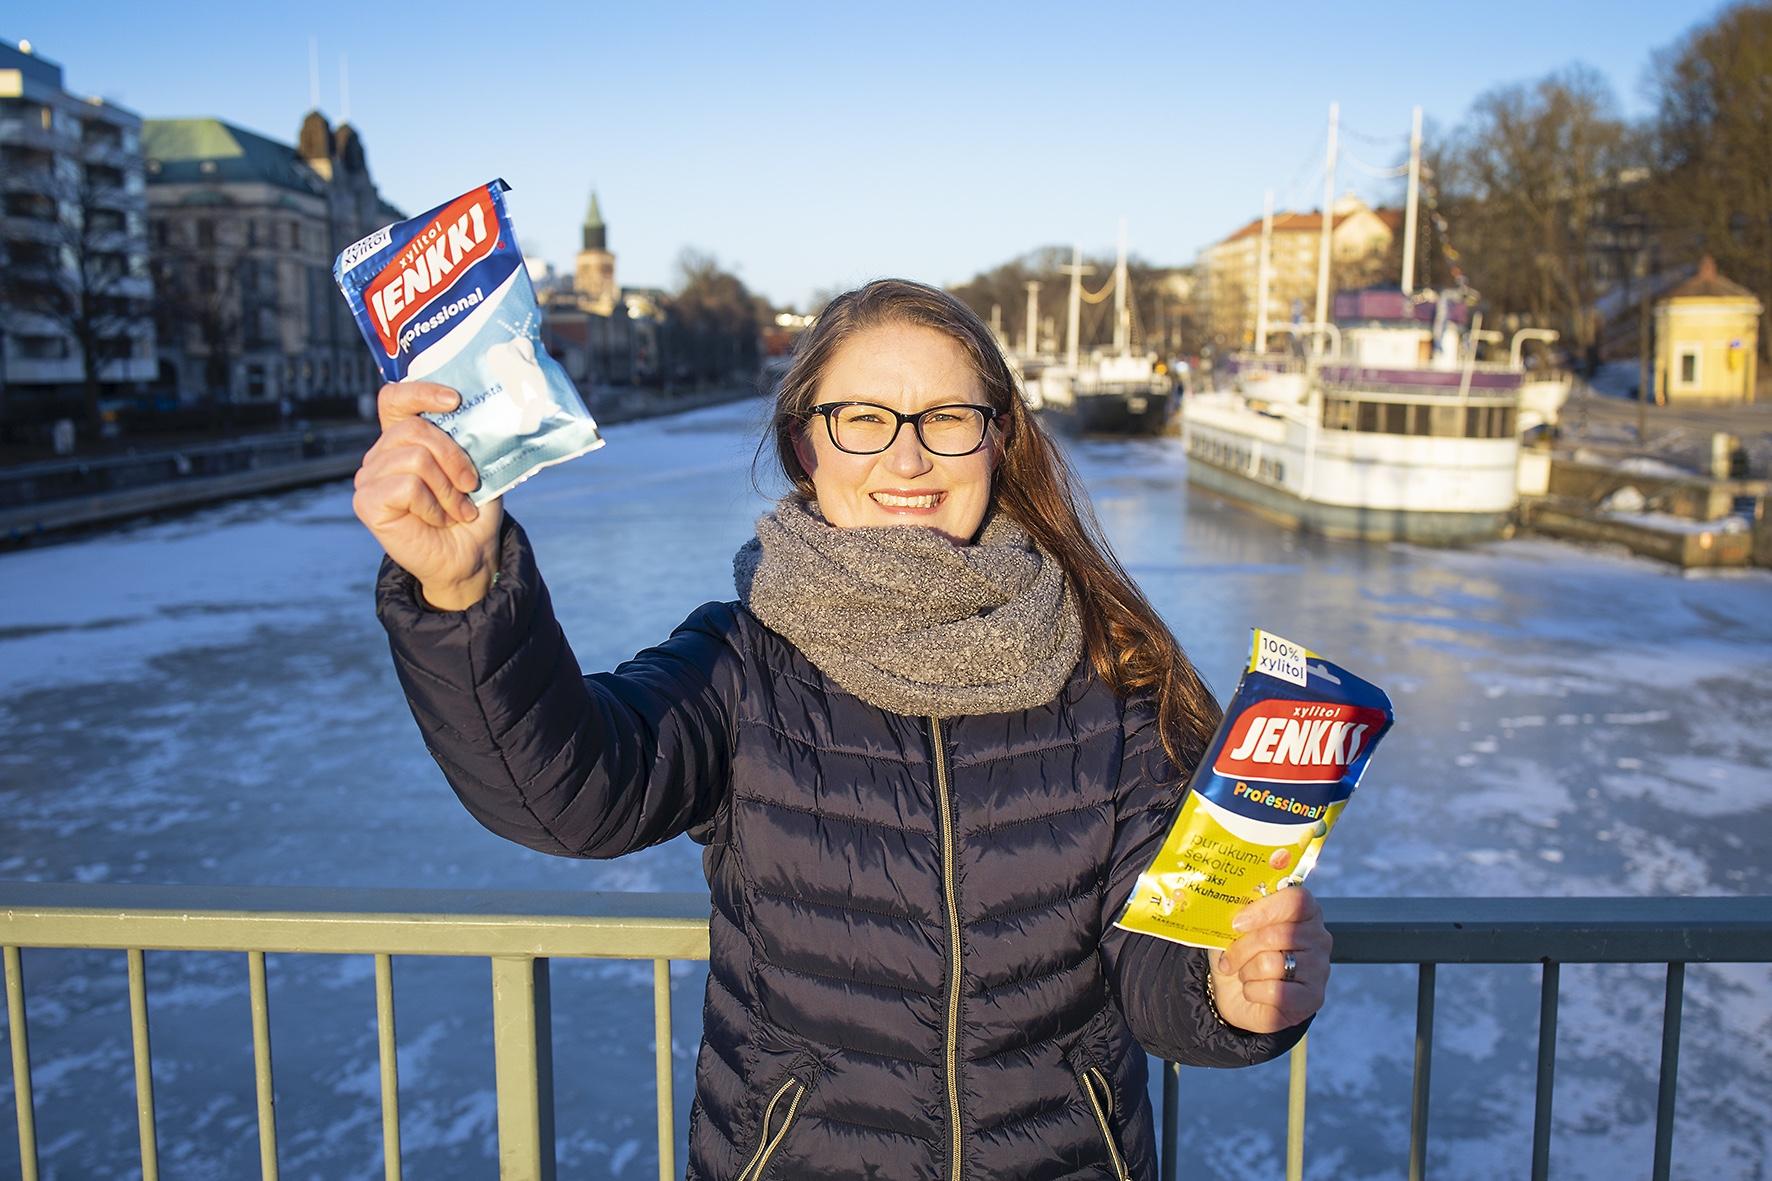 Ksylitolitiedottaja Milla Vihanto seisoo sillalla ja pitelee kädessään purkkapusseja.